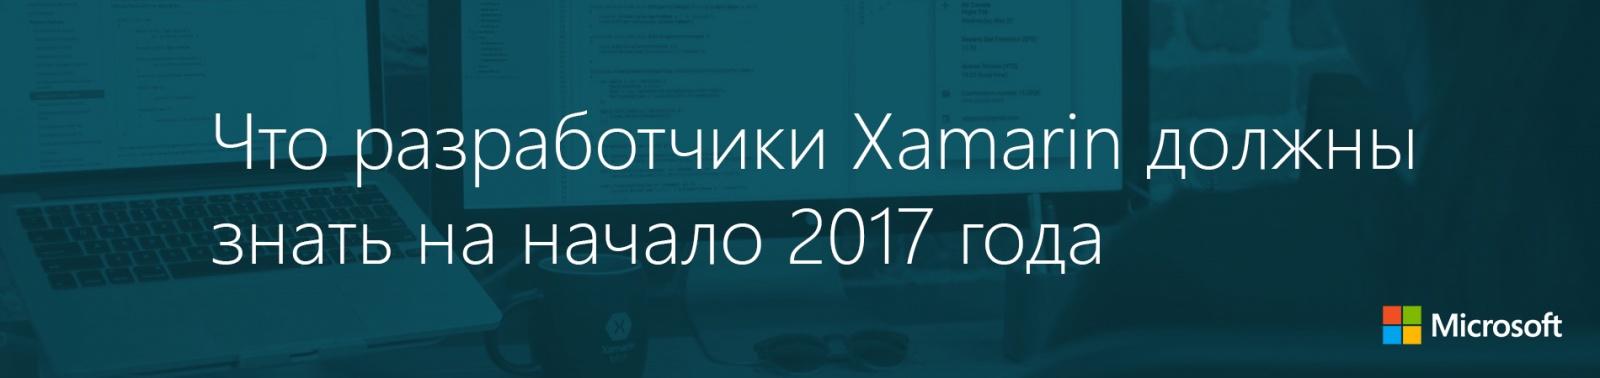 Что разработчики Xamarin должны знать на начало 2017 года - 1